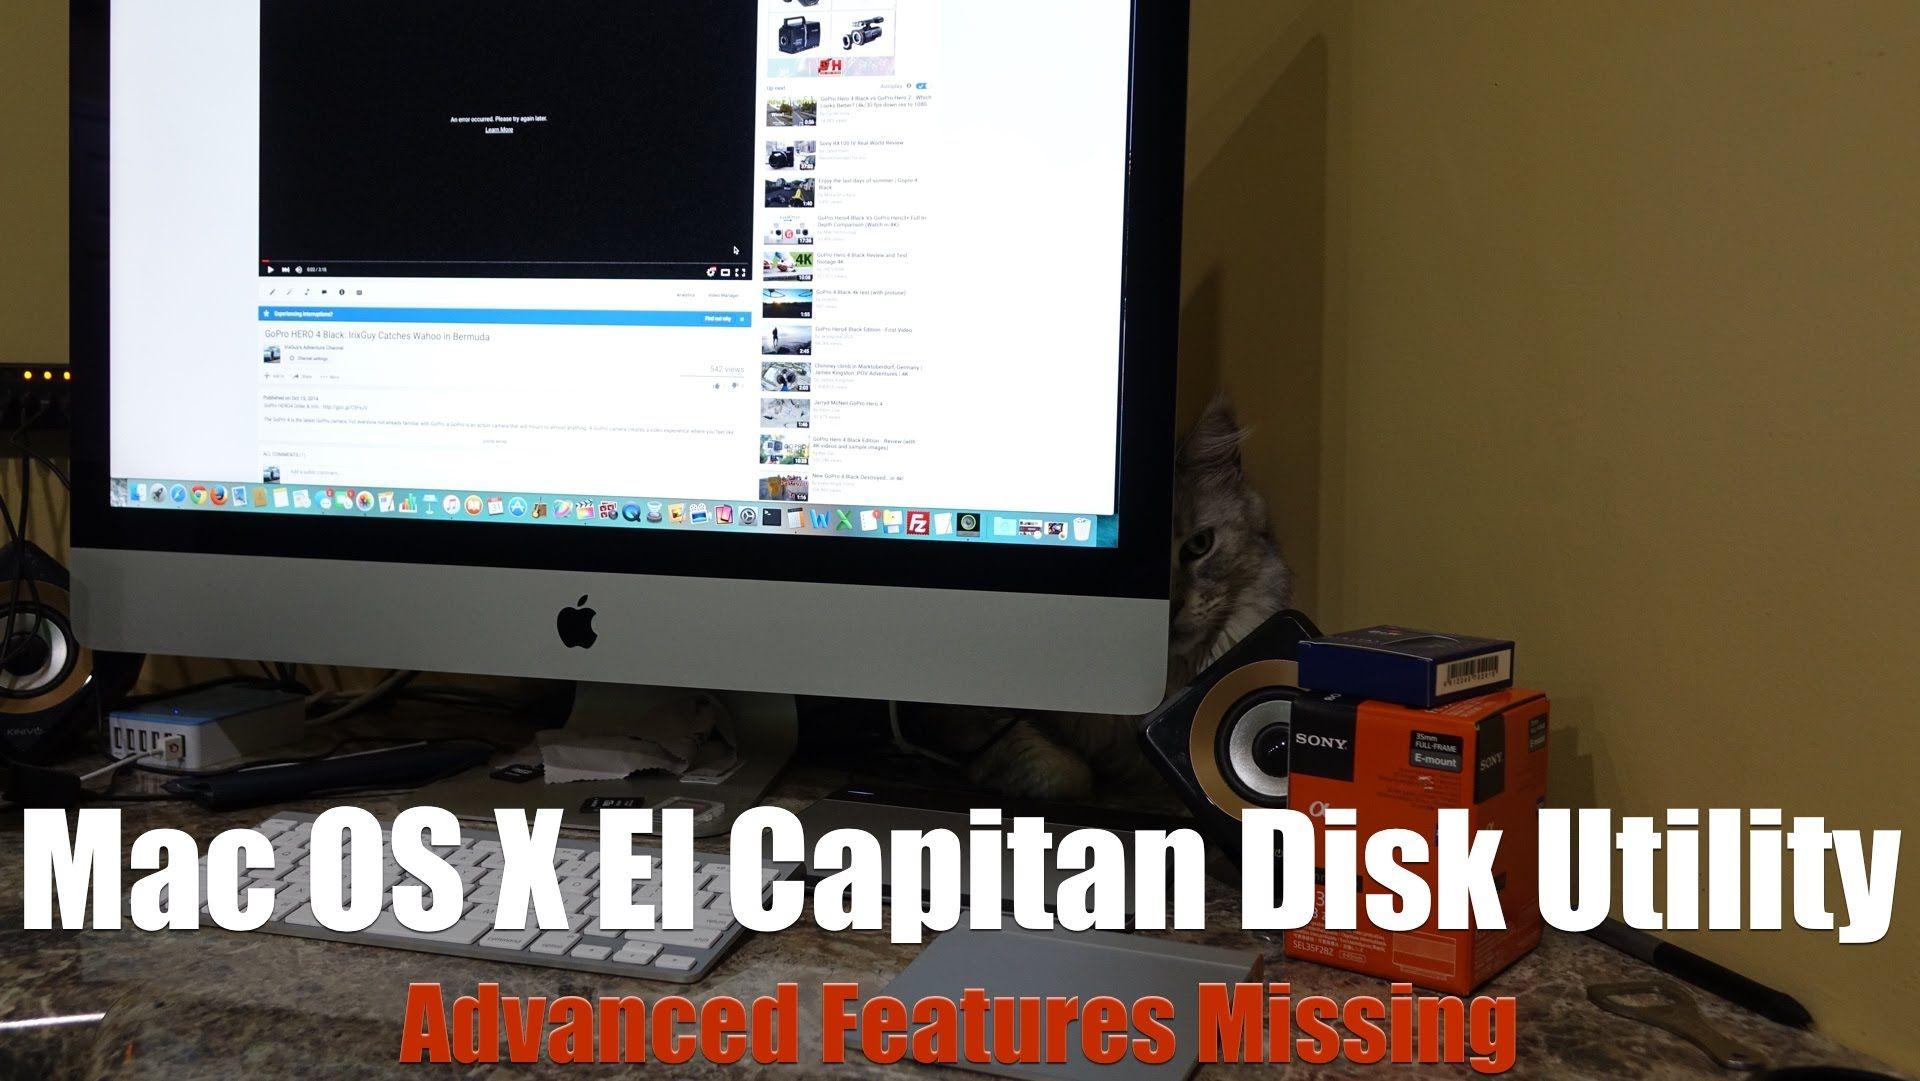 Mac OS X El Capitan Disk Utility Missing Features Fix | HOW